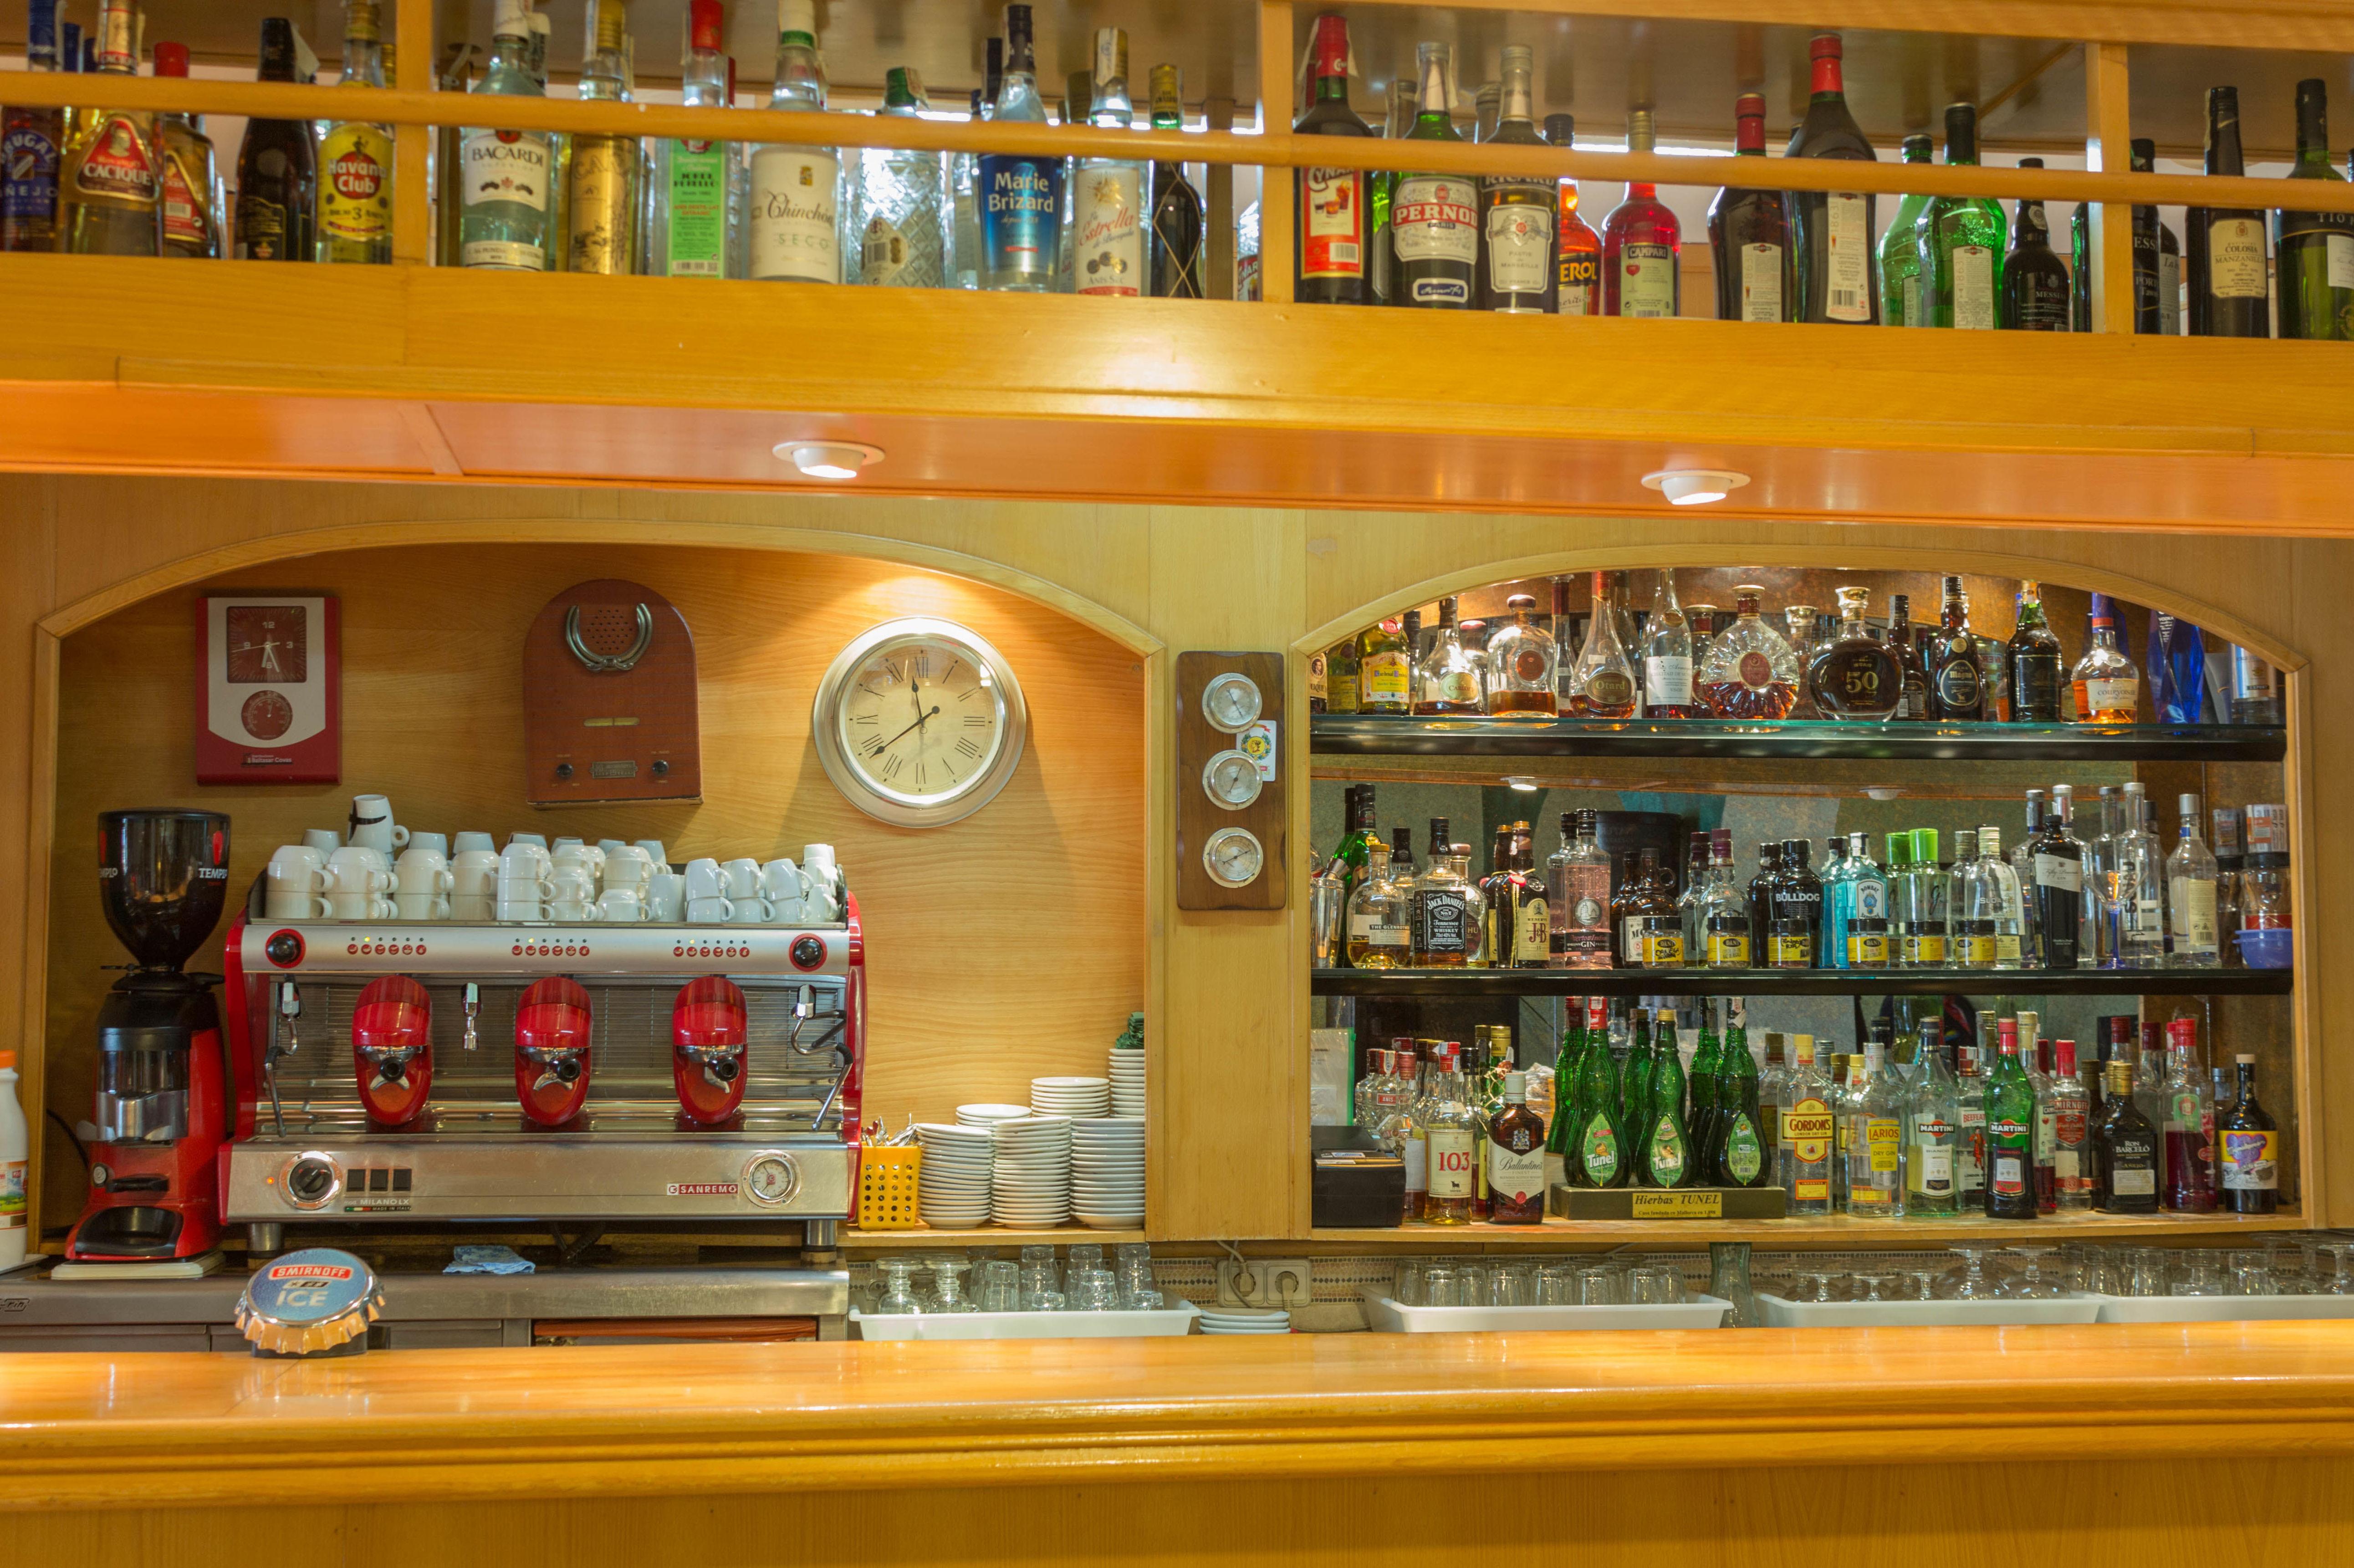 Marisol Restaurante, lo mejor de la cocina marinera